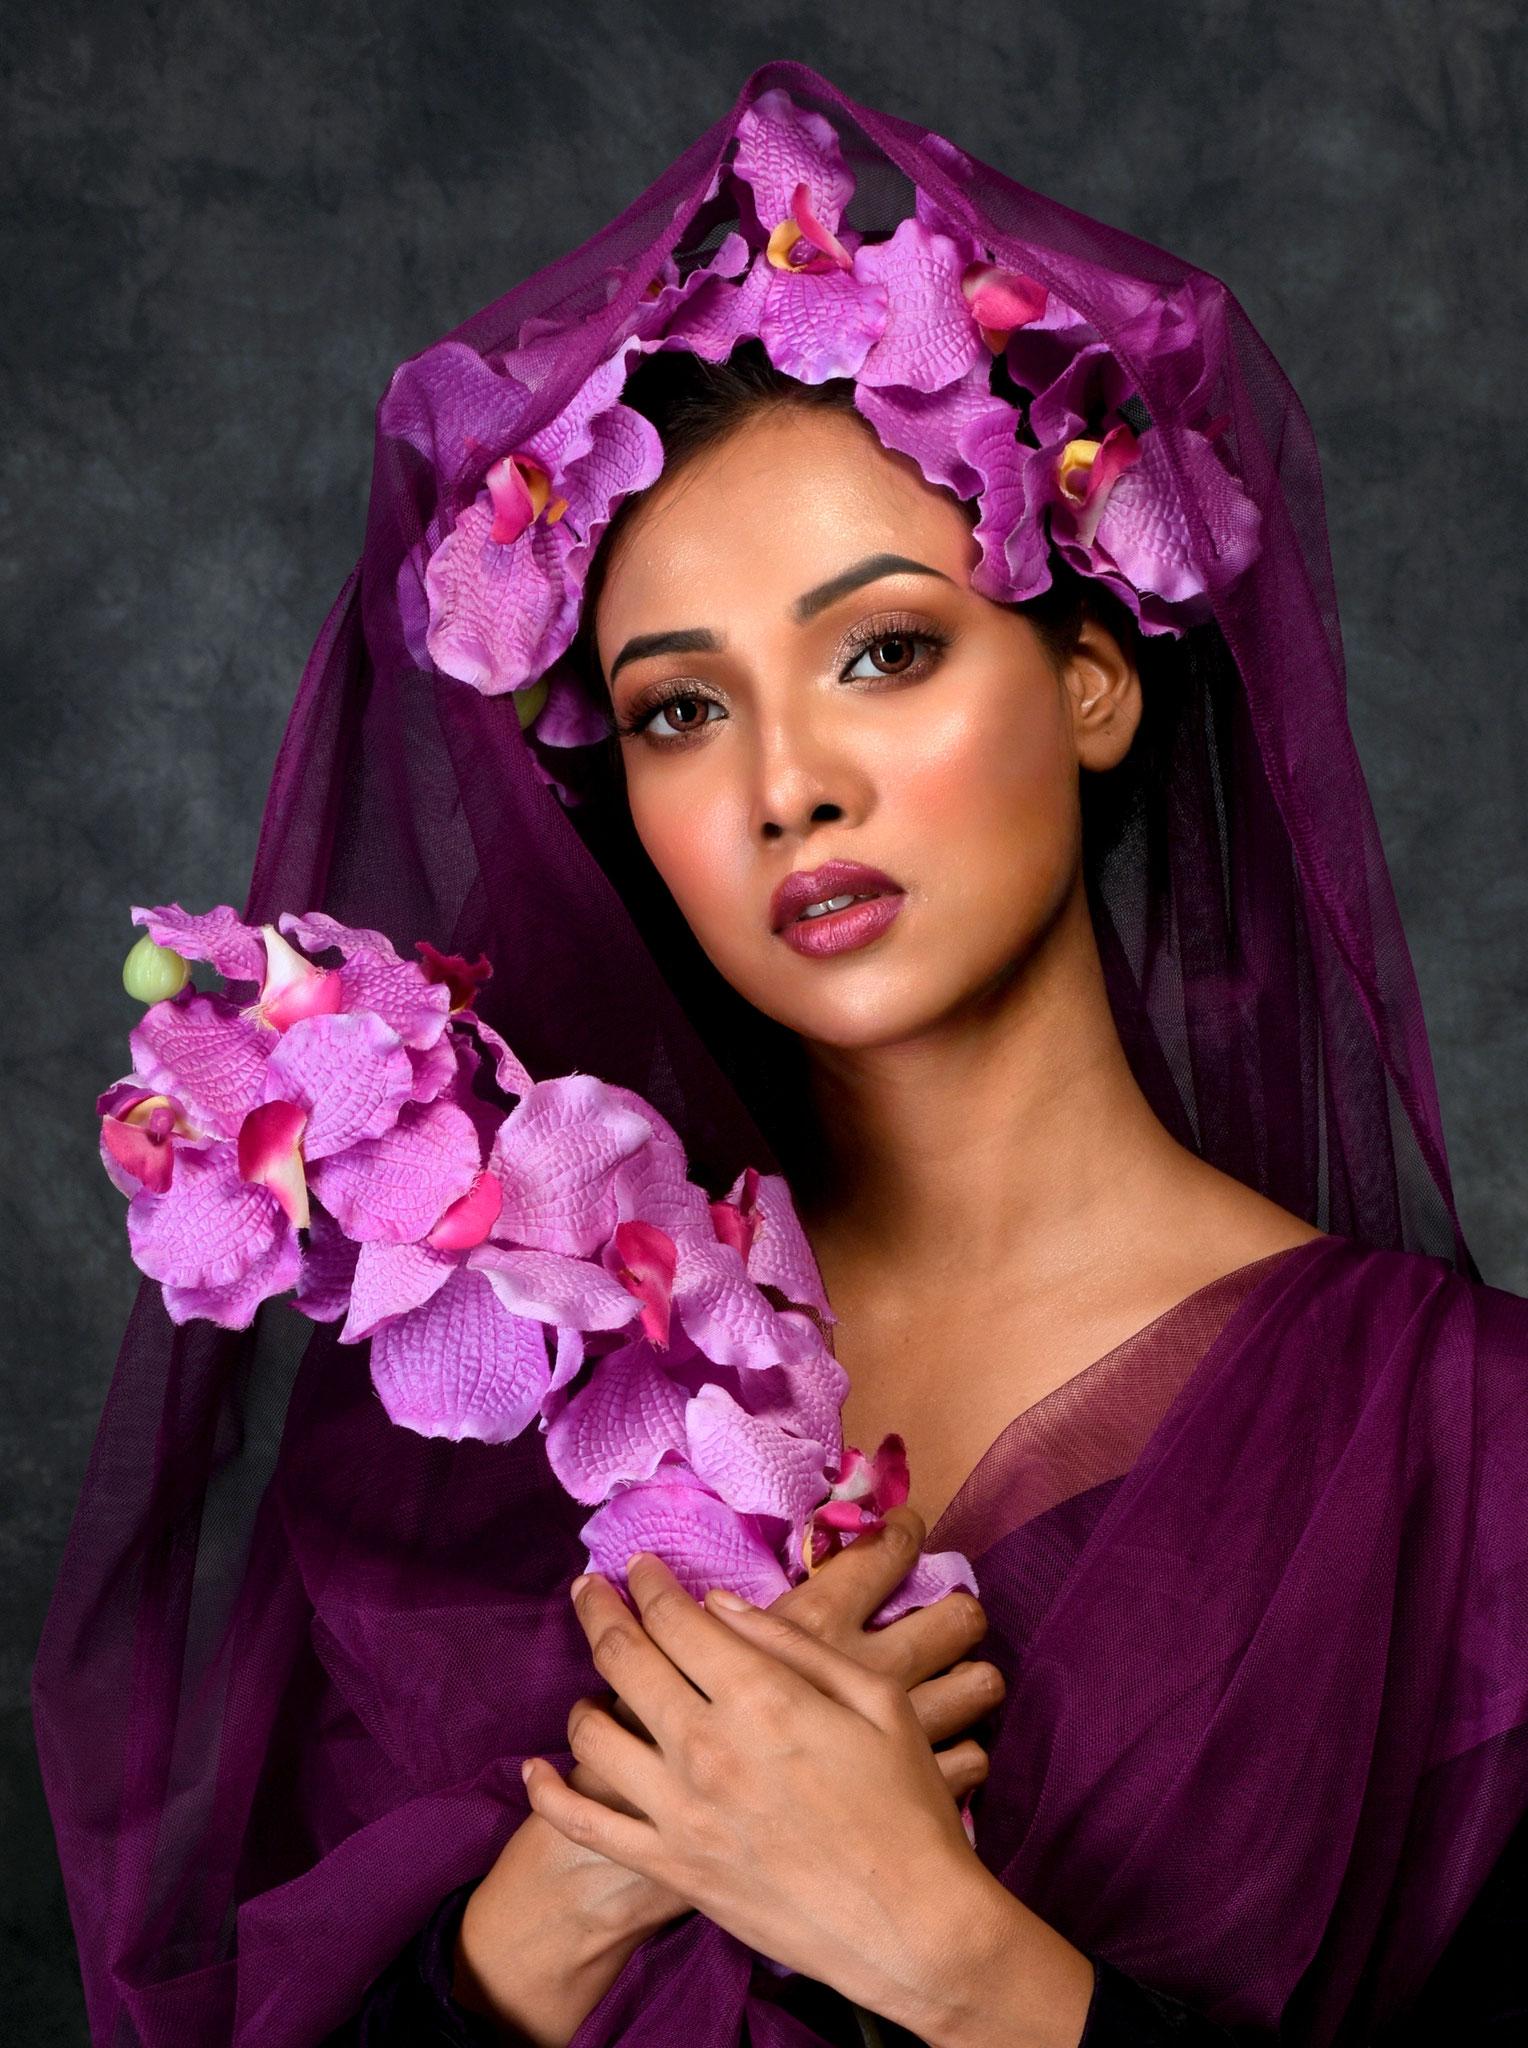 Mausumi Das (India) - The Violet Girl